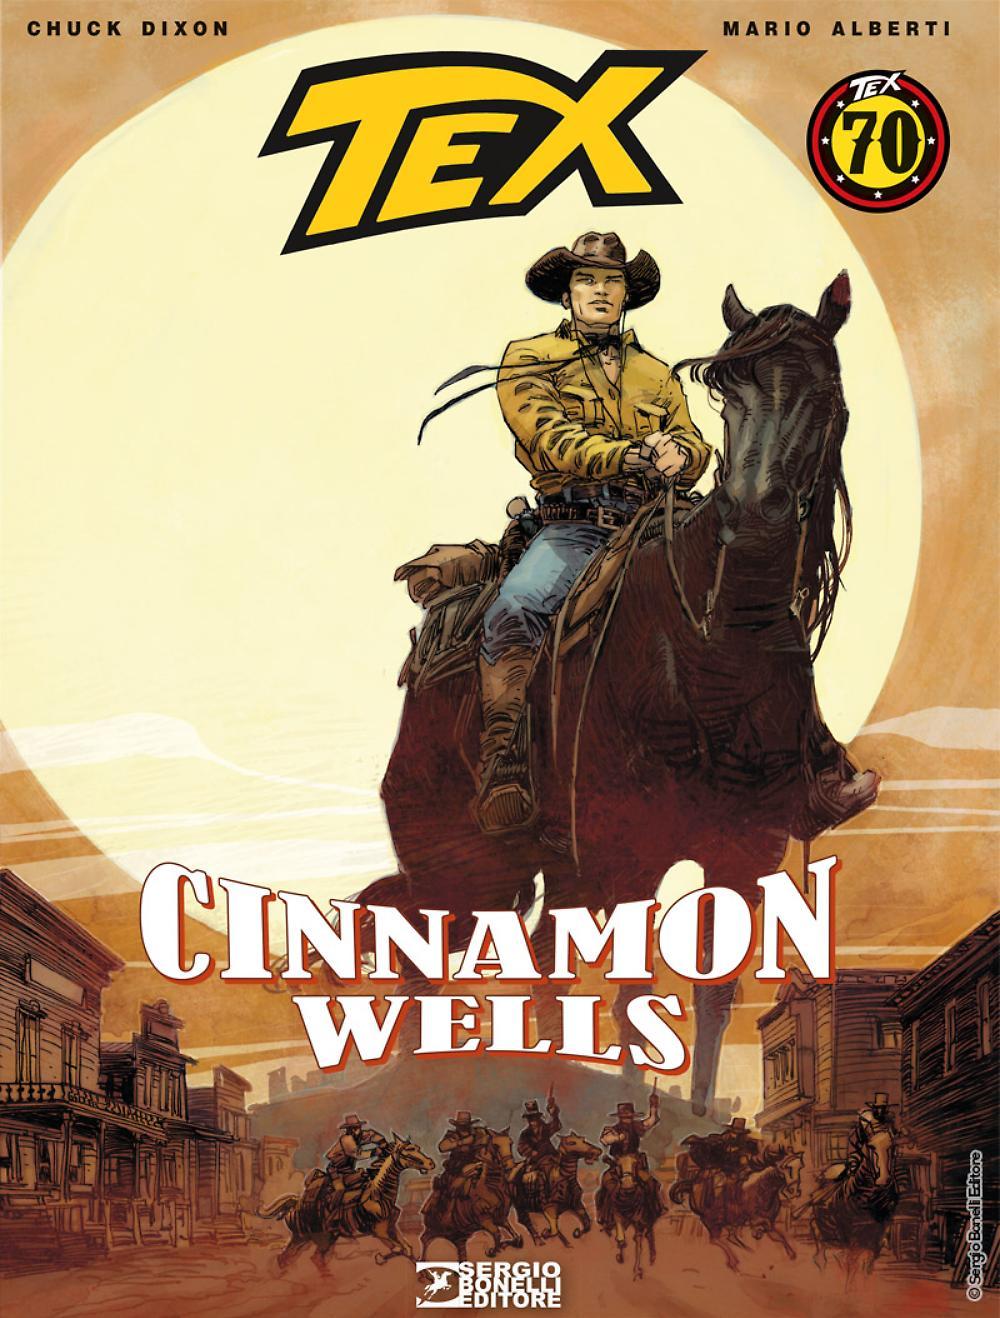 Cinnamon Wells - Tex Romanzi a fumetti 08 cover